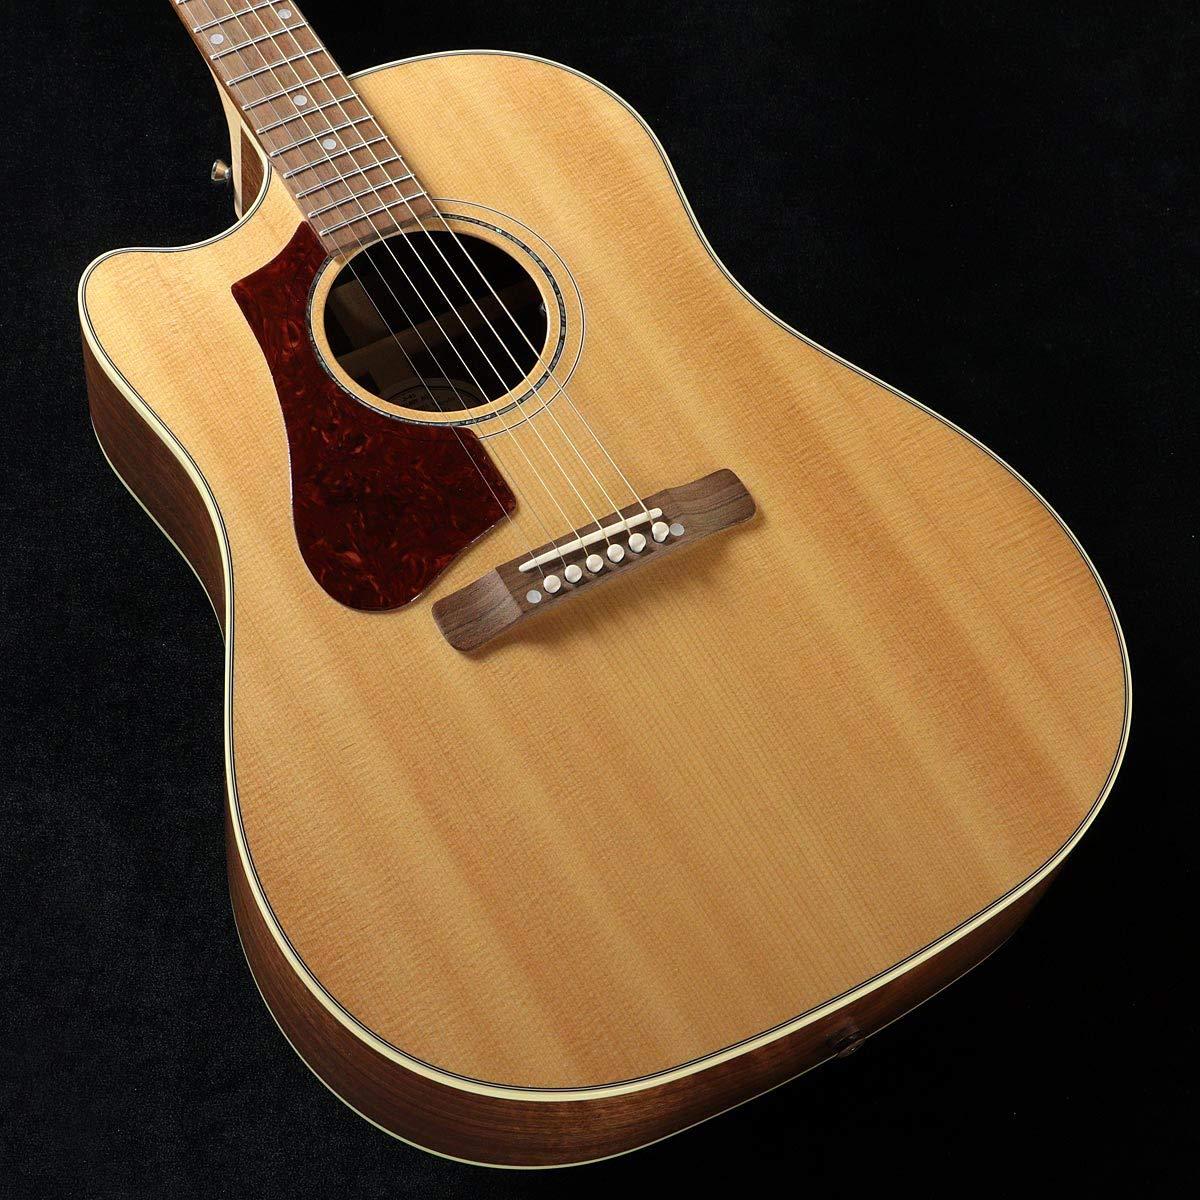 【アウトレット】Gibson/J-45 Walnut AG 2018 Antique Natural Lefty w/L.R.Baggs Element B07QWG4PCL